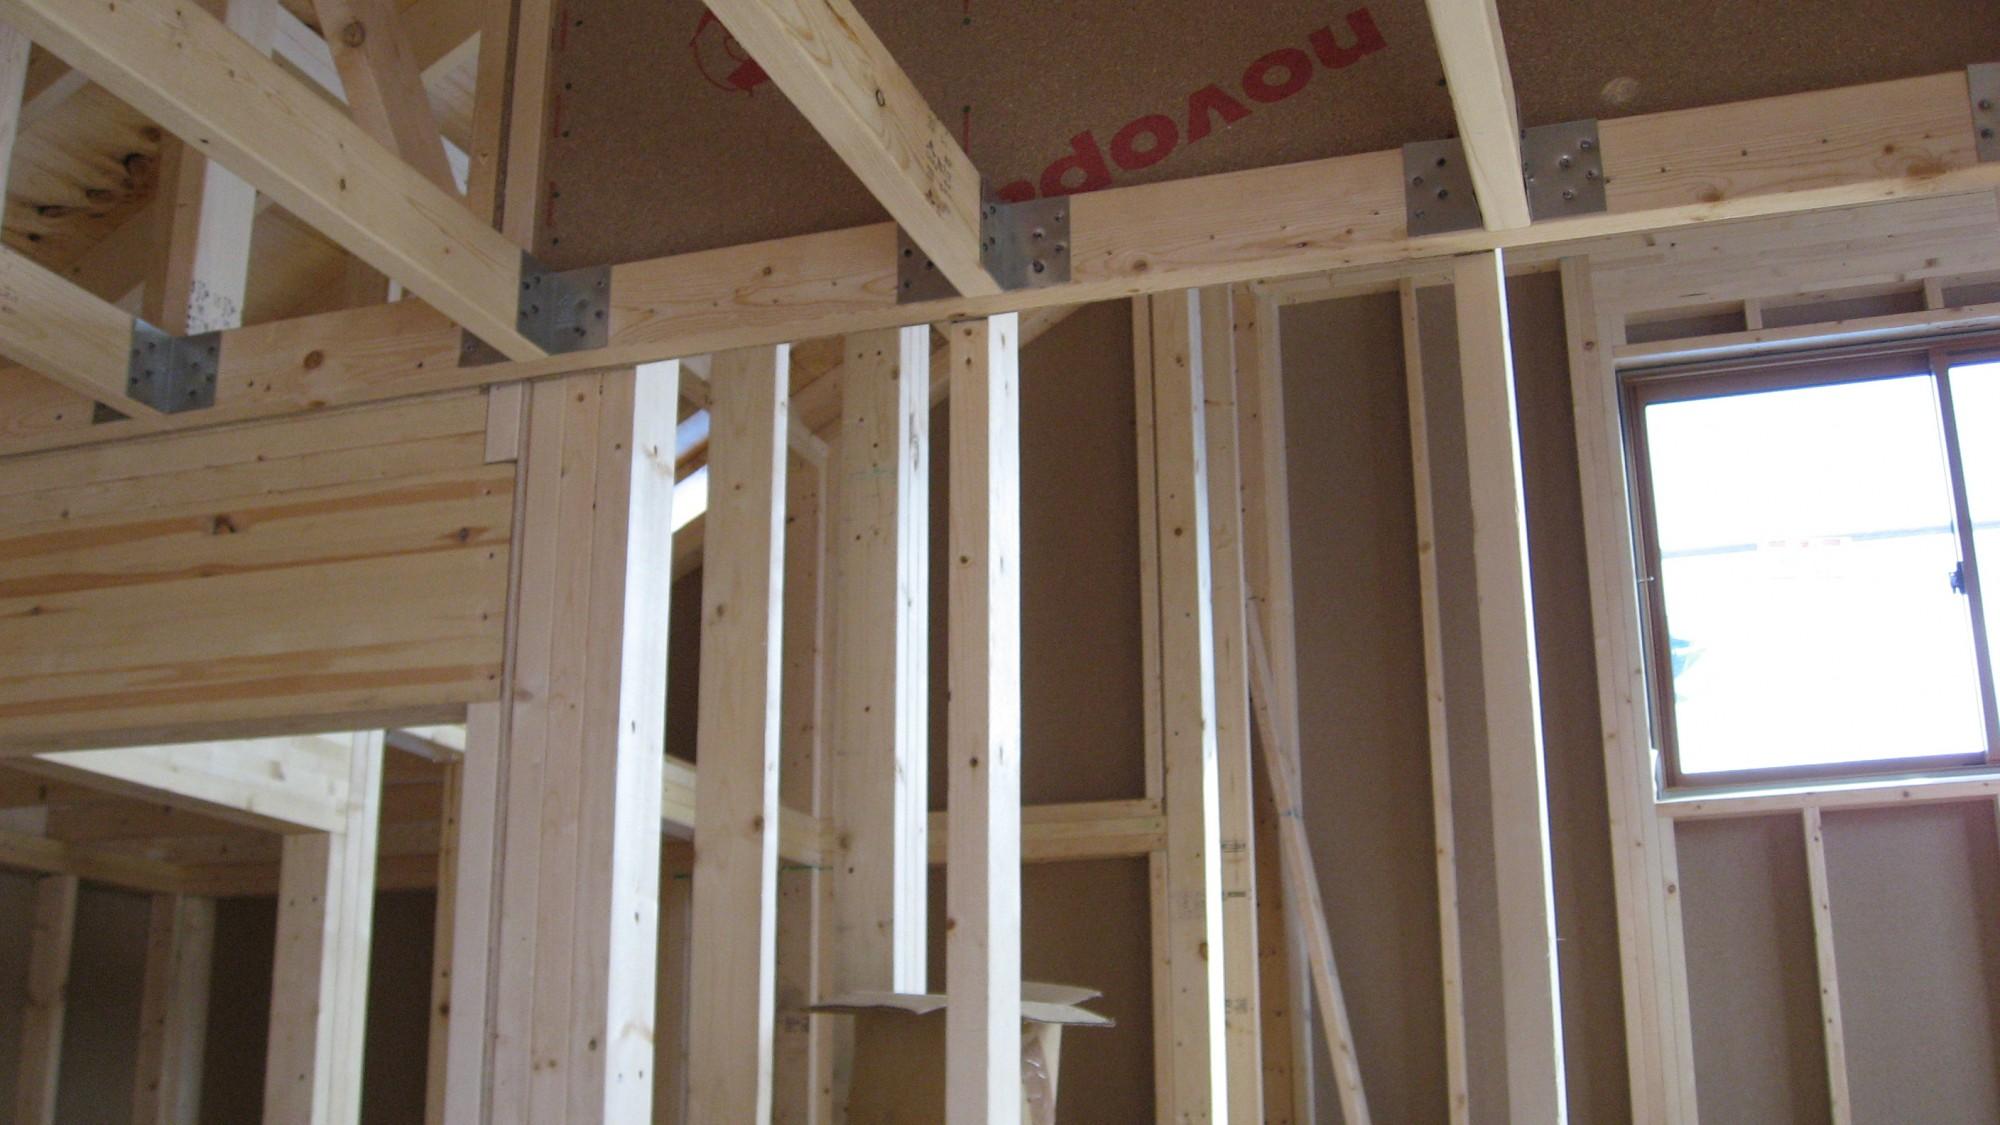 注文住宅やハウスメーカーの契約・解約に関するご相談 受付中!